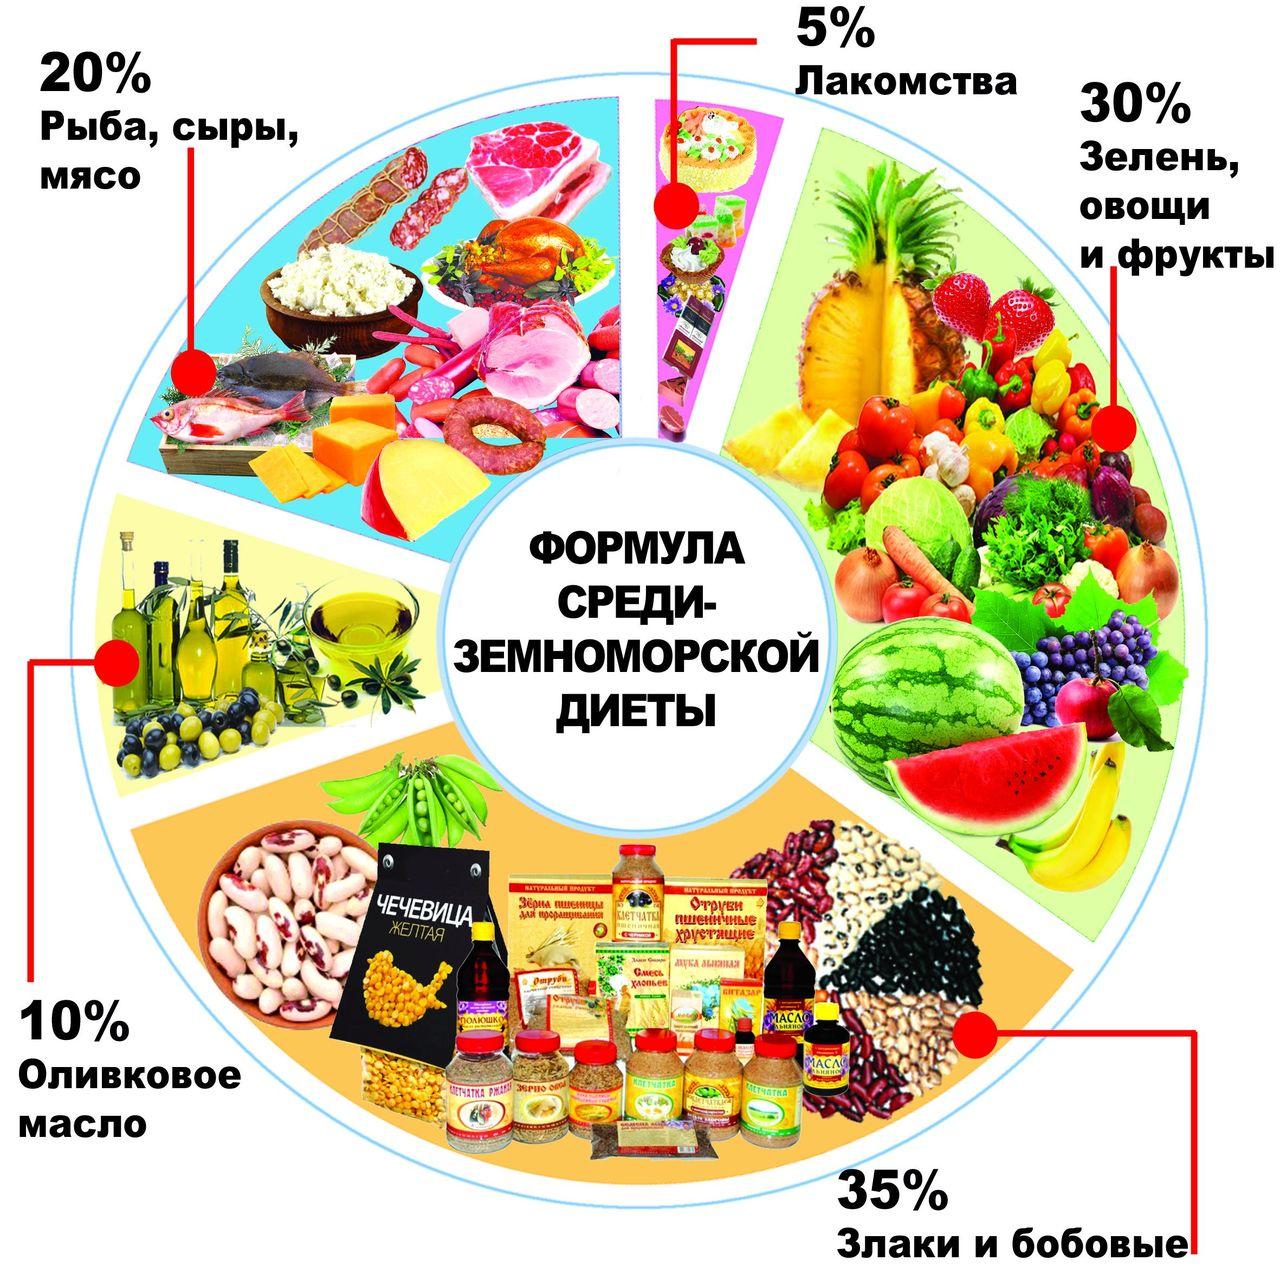 Схема Питания Для Здорового Похудения. Правильная схема питания для похудения! Работает 100%!